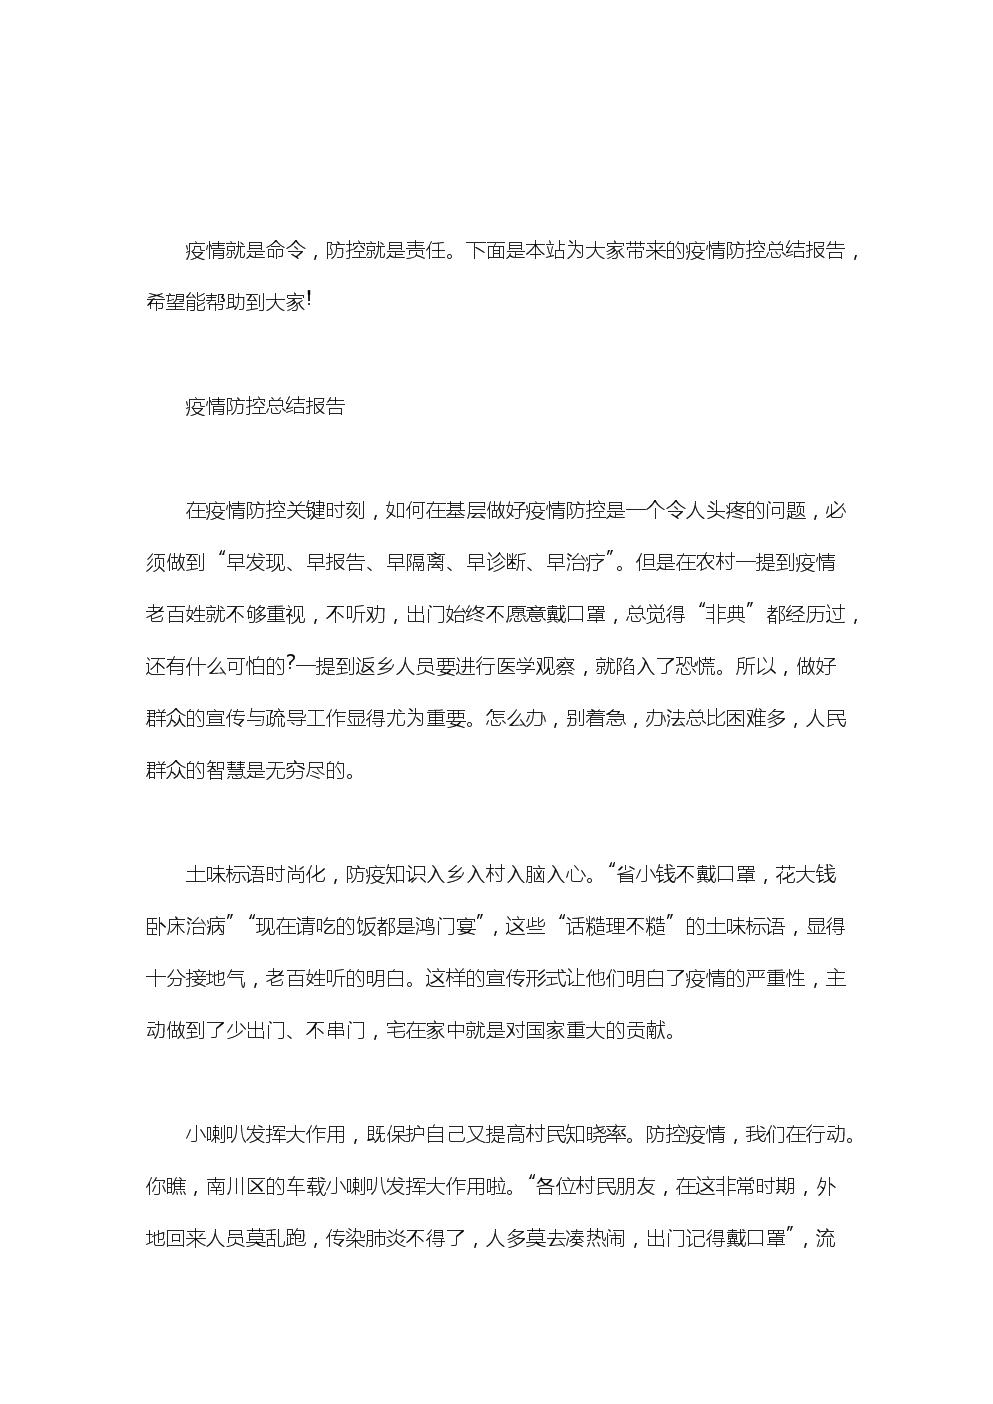 疫情防控总结报告.doc